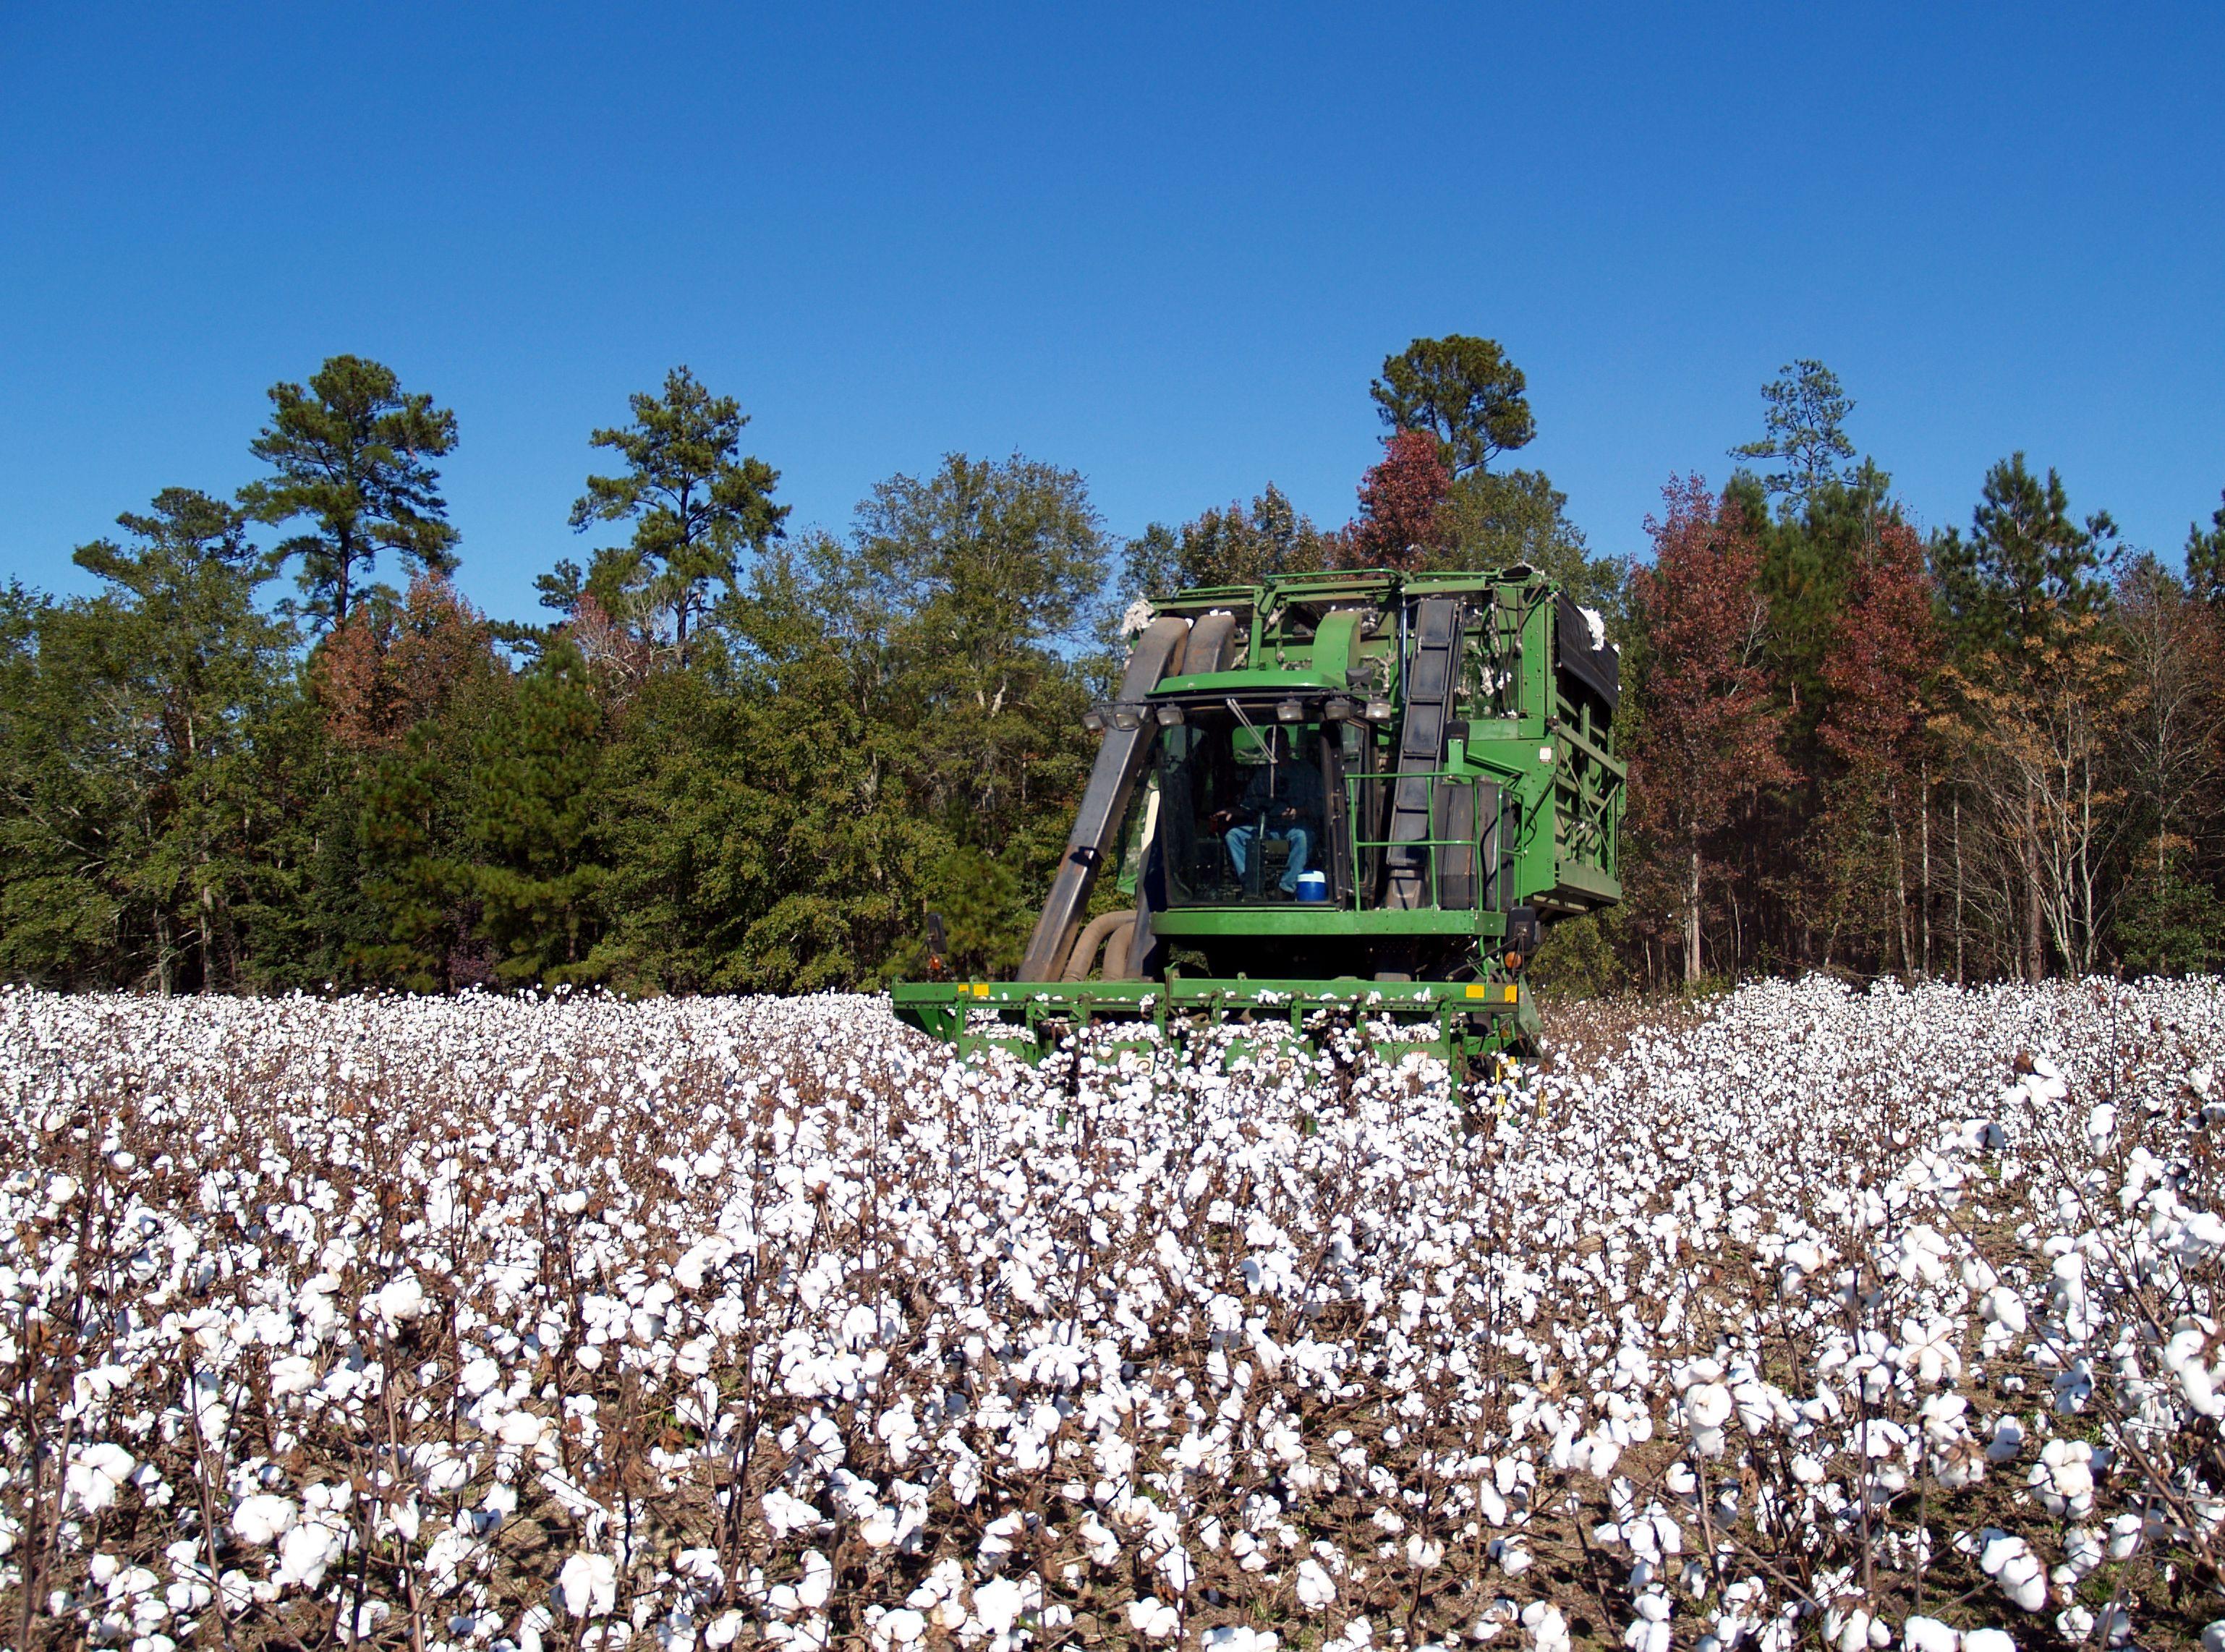 供应缺口限制棉价下跌空间